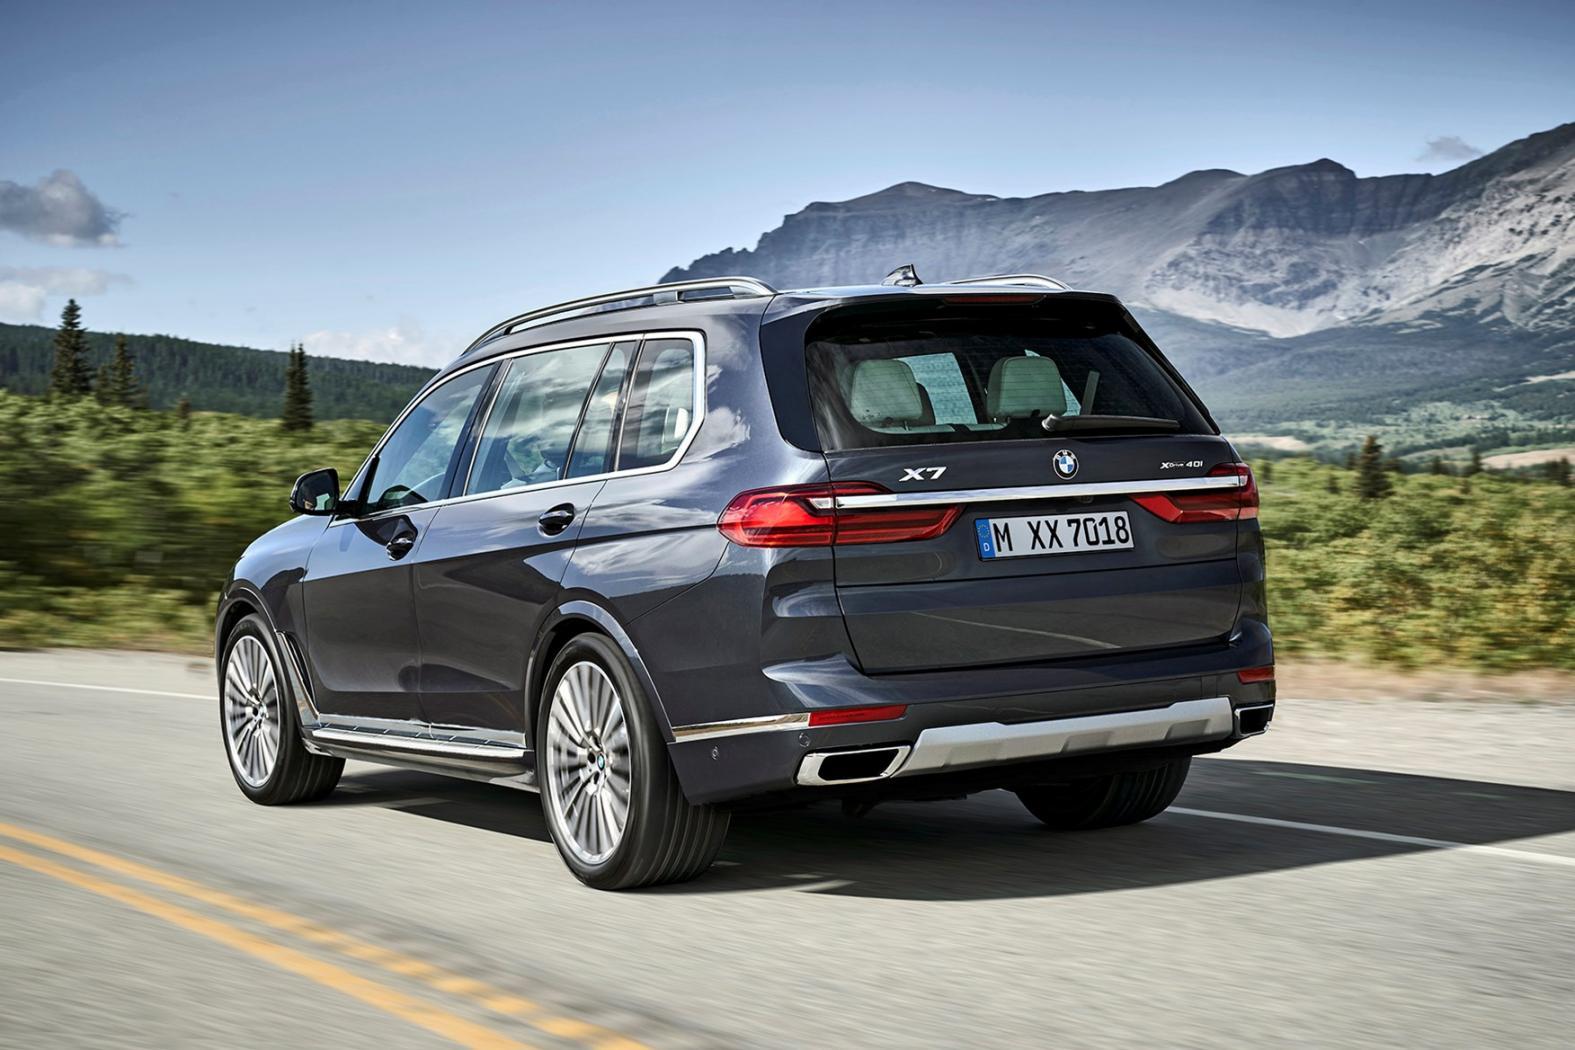 X7-le-nouveau-SUV-XXL-de-BMW-9.jpeg